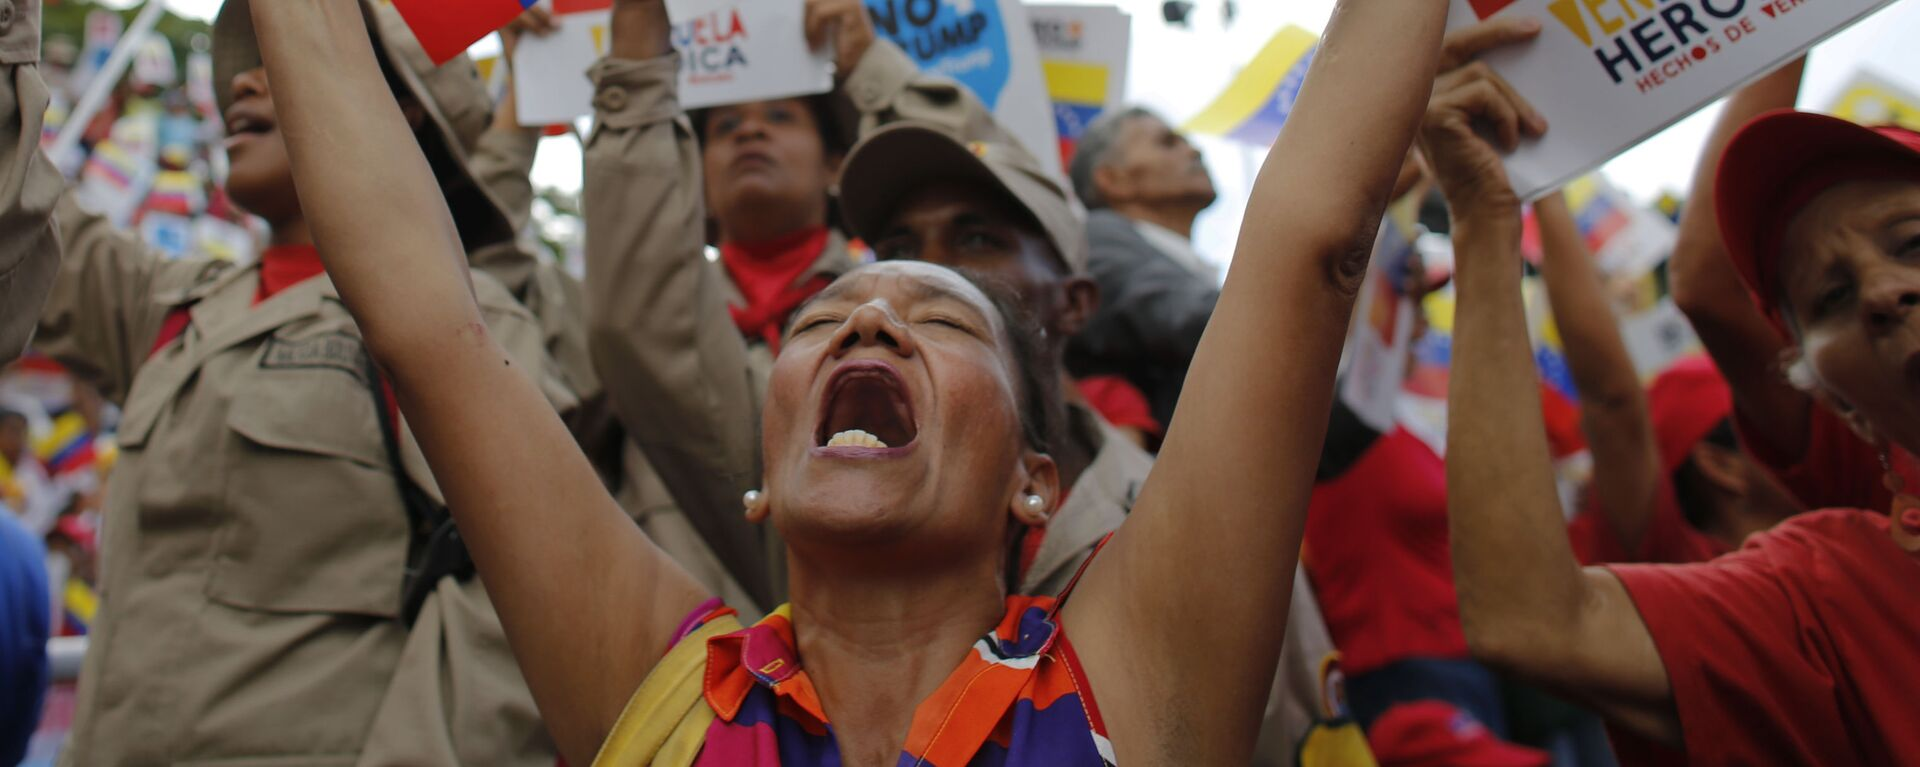 Сторонники венесуэльского правительства во время протеста против экономических санкций США в Каракасе  - Sputnik Mundo, 1920, 25.06.2021